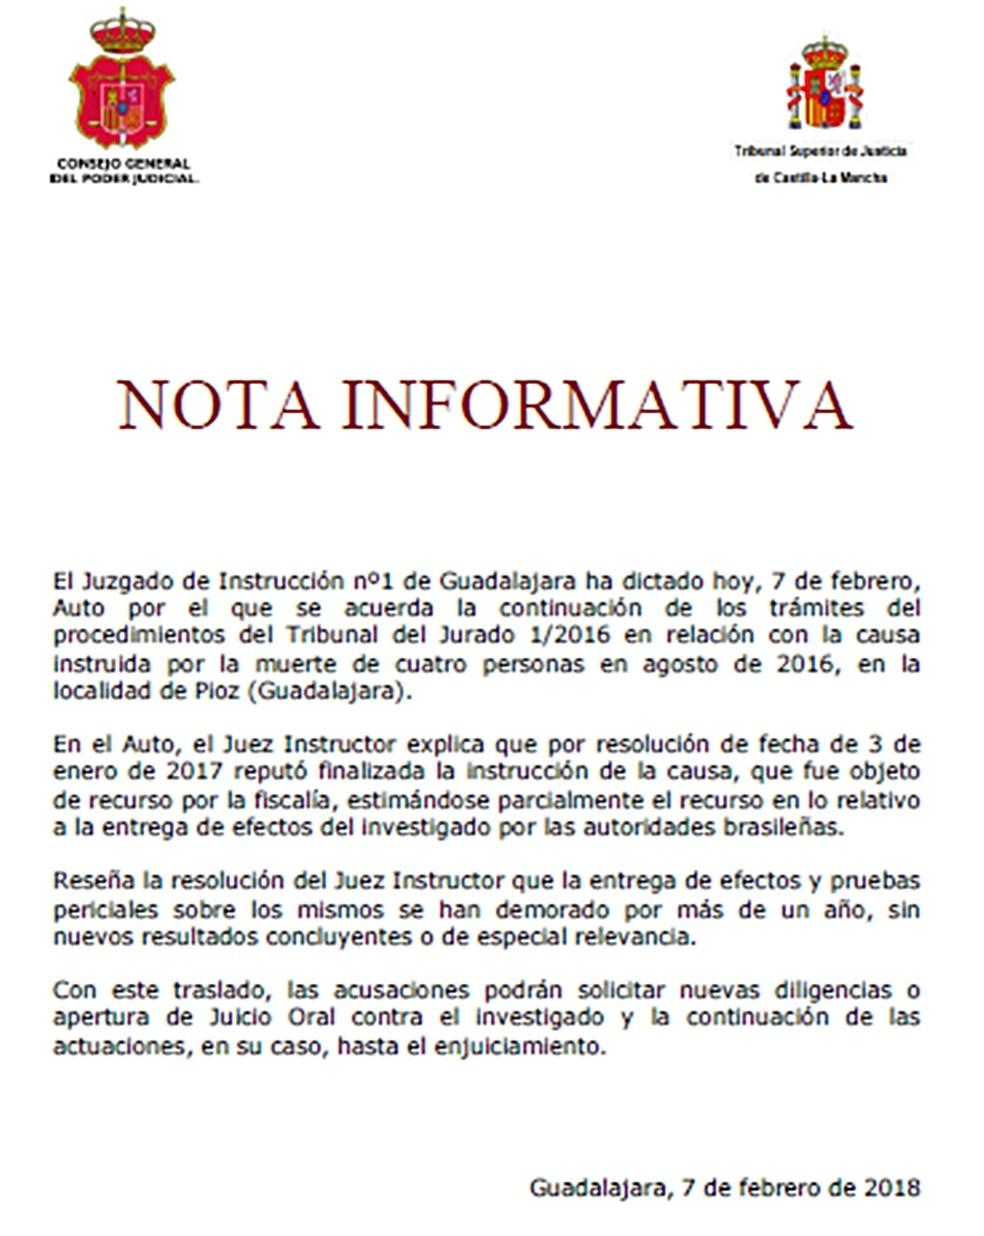 Nota informativa foi publicada na quarta-feira pela Justiça da Espanha sobre o caso de Pioz (Foto: Reprodução)